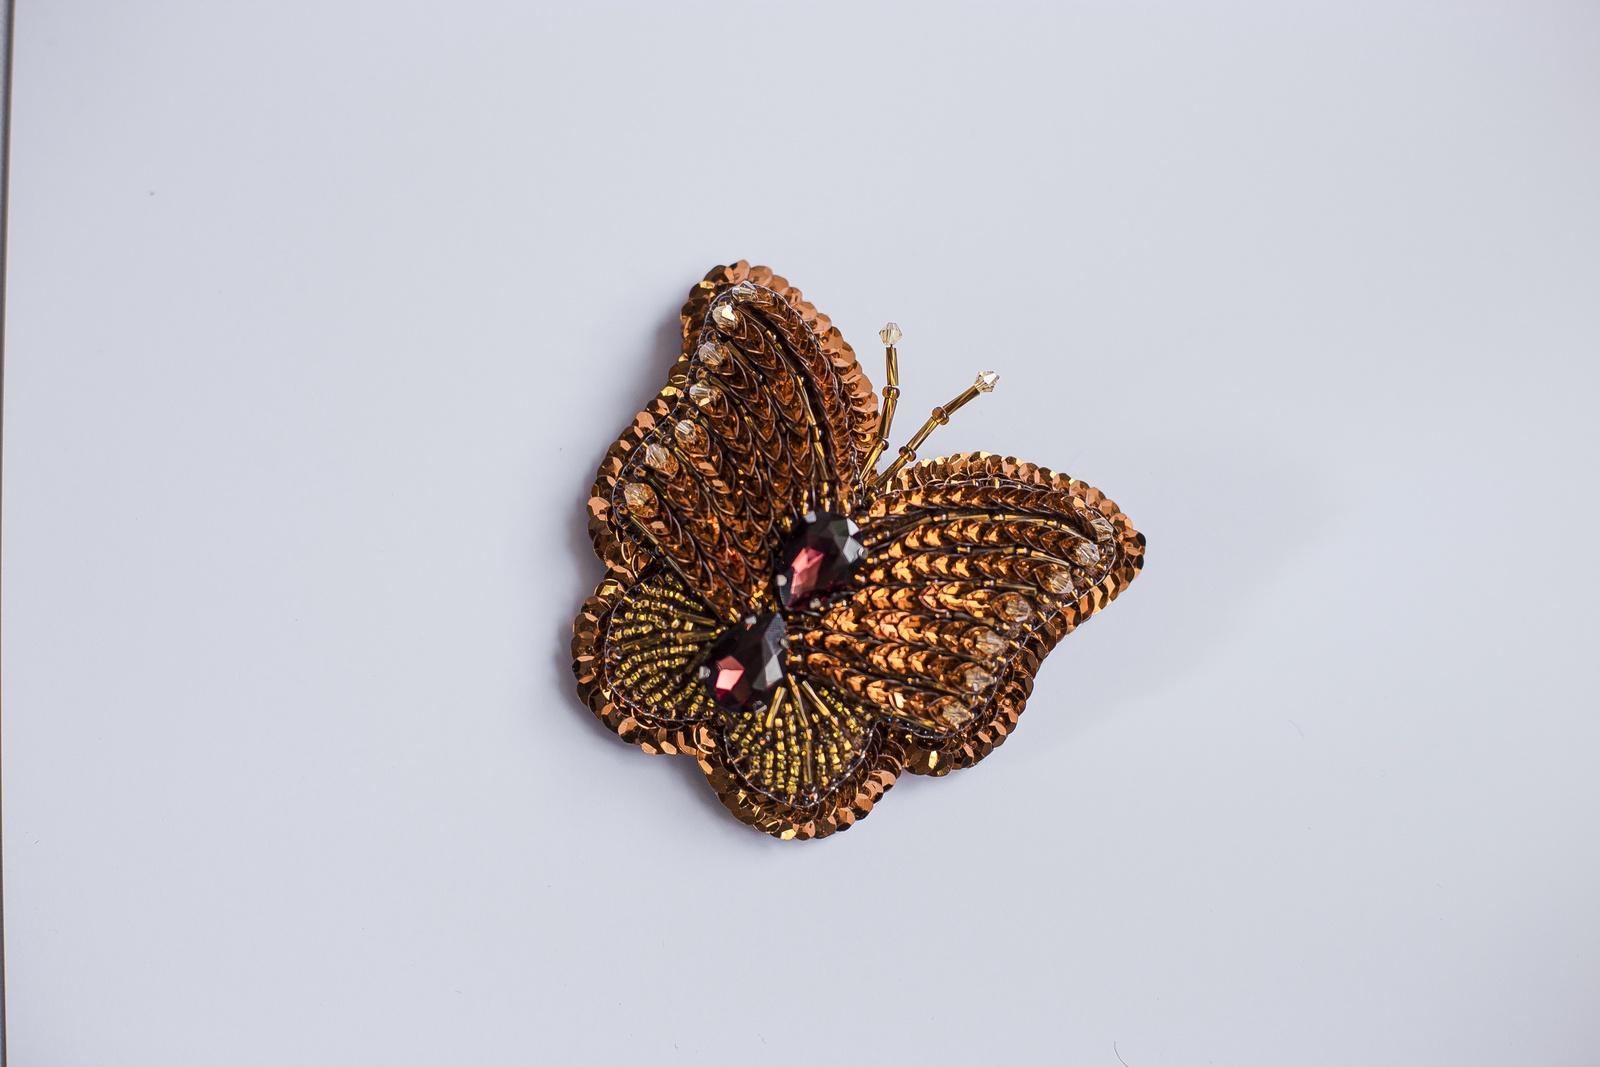 Брошь бижутерная Vivacase Butterfly Godarta, Искусственная кожа, Бисер, Стразы, коричневый